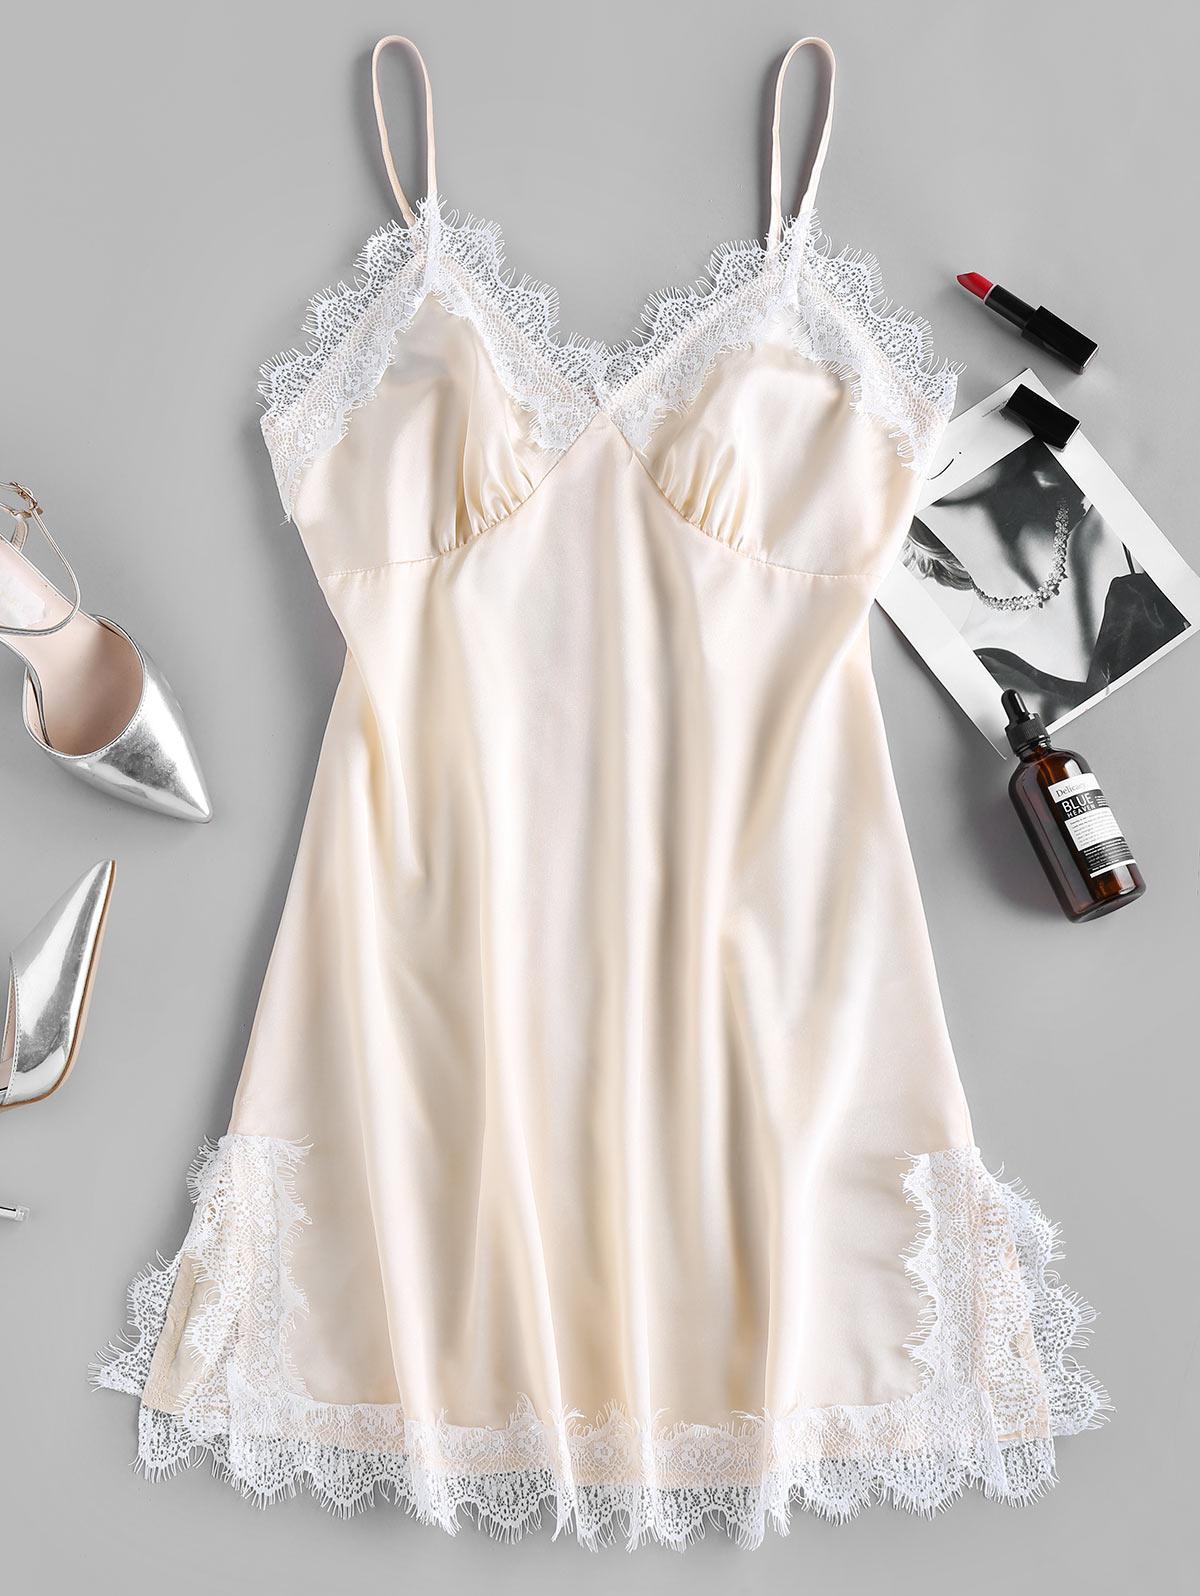 ZAFUL Eyelash Lace Cami Sleepwear Dress